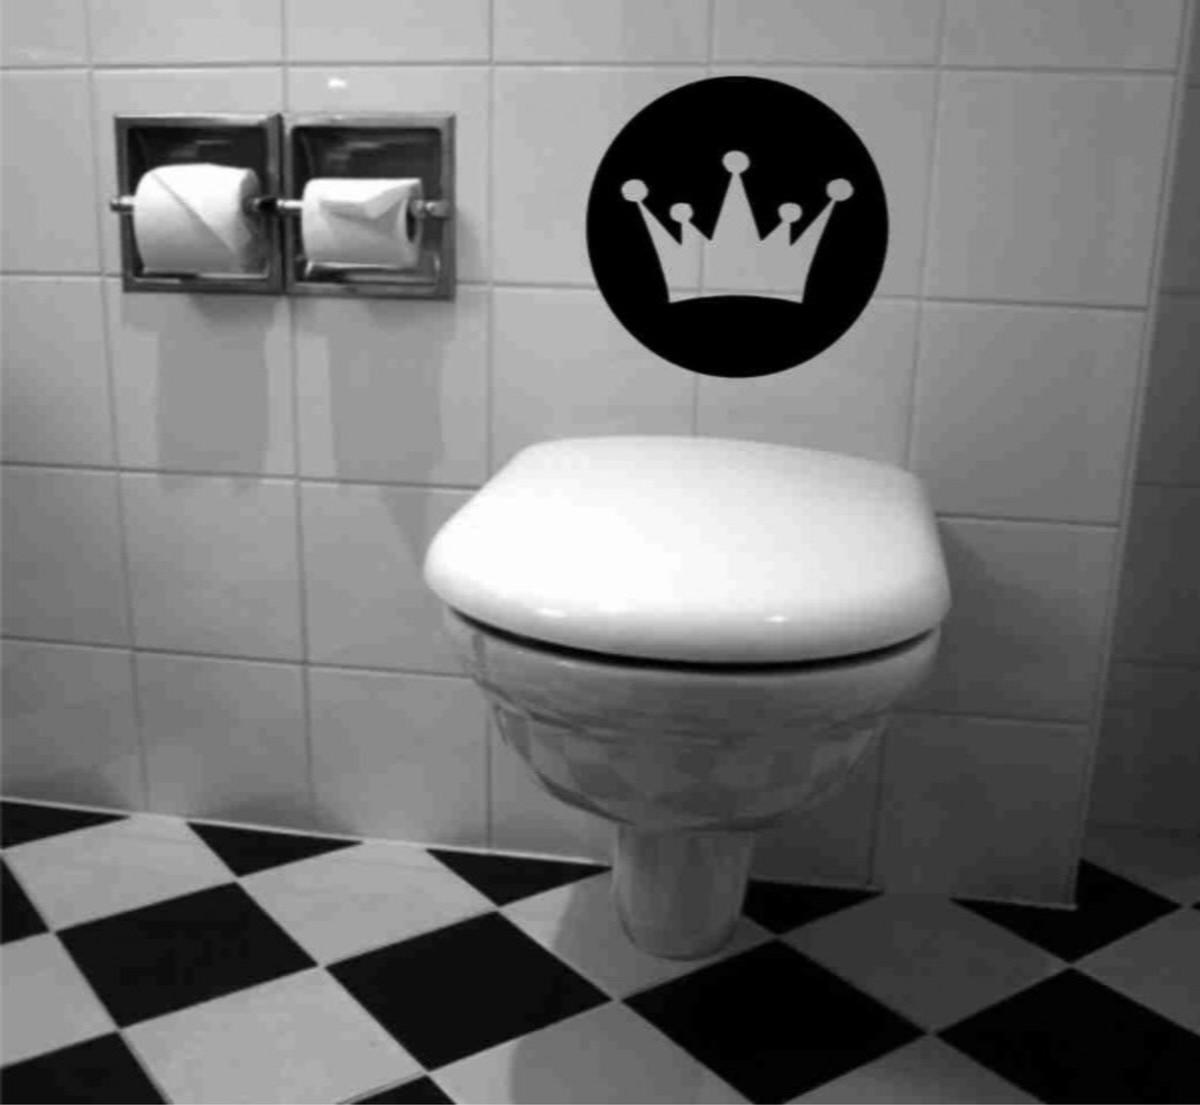 Adesivo De Banheiro Coroa De Rei Adesivo De Banheiro Coroa De Rei  #272726 1200x1105 Azulejo Listrado Banheiro